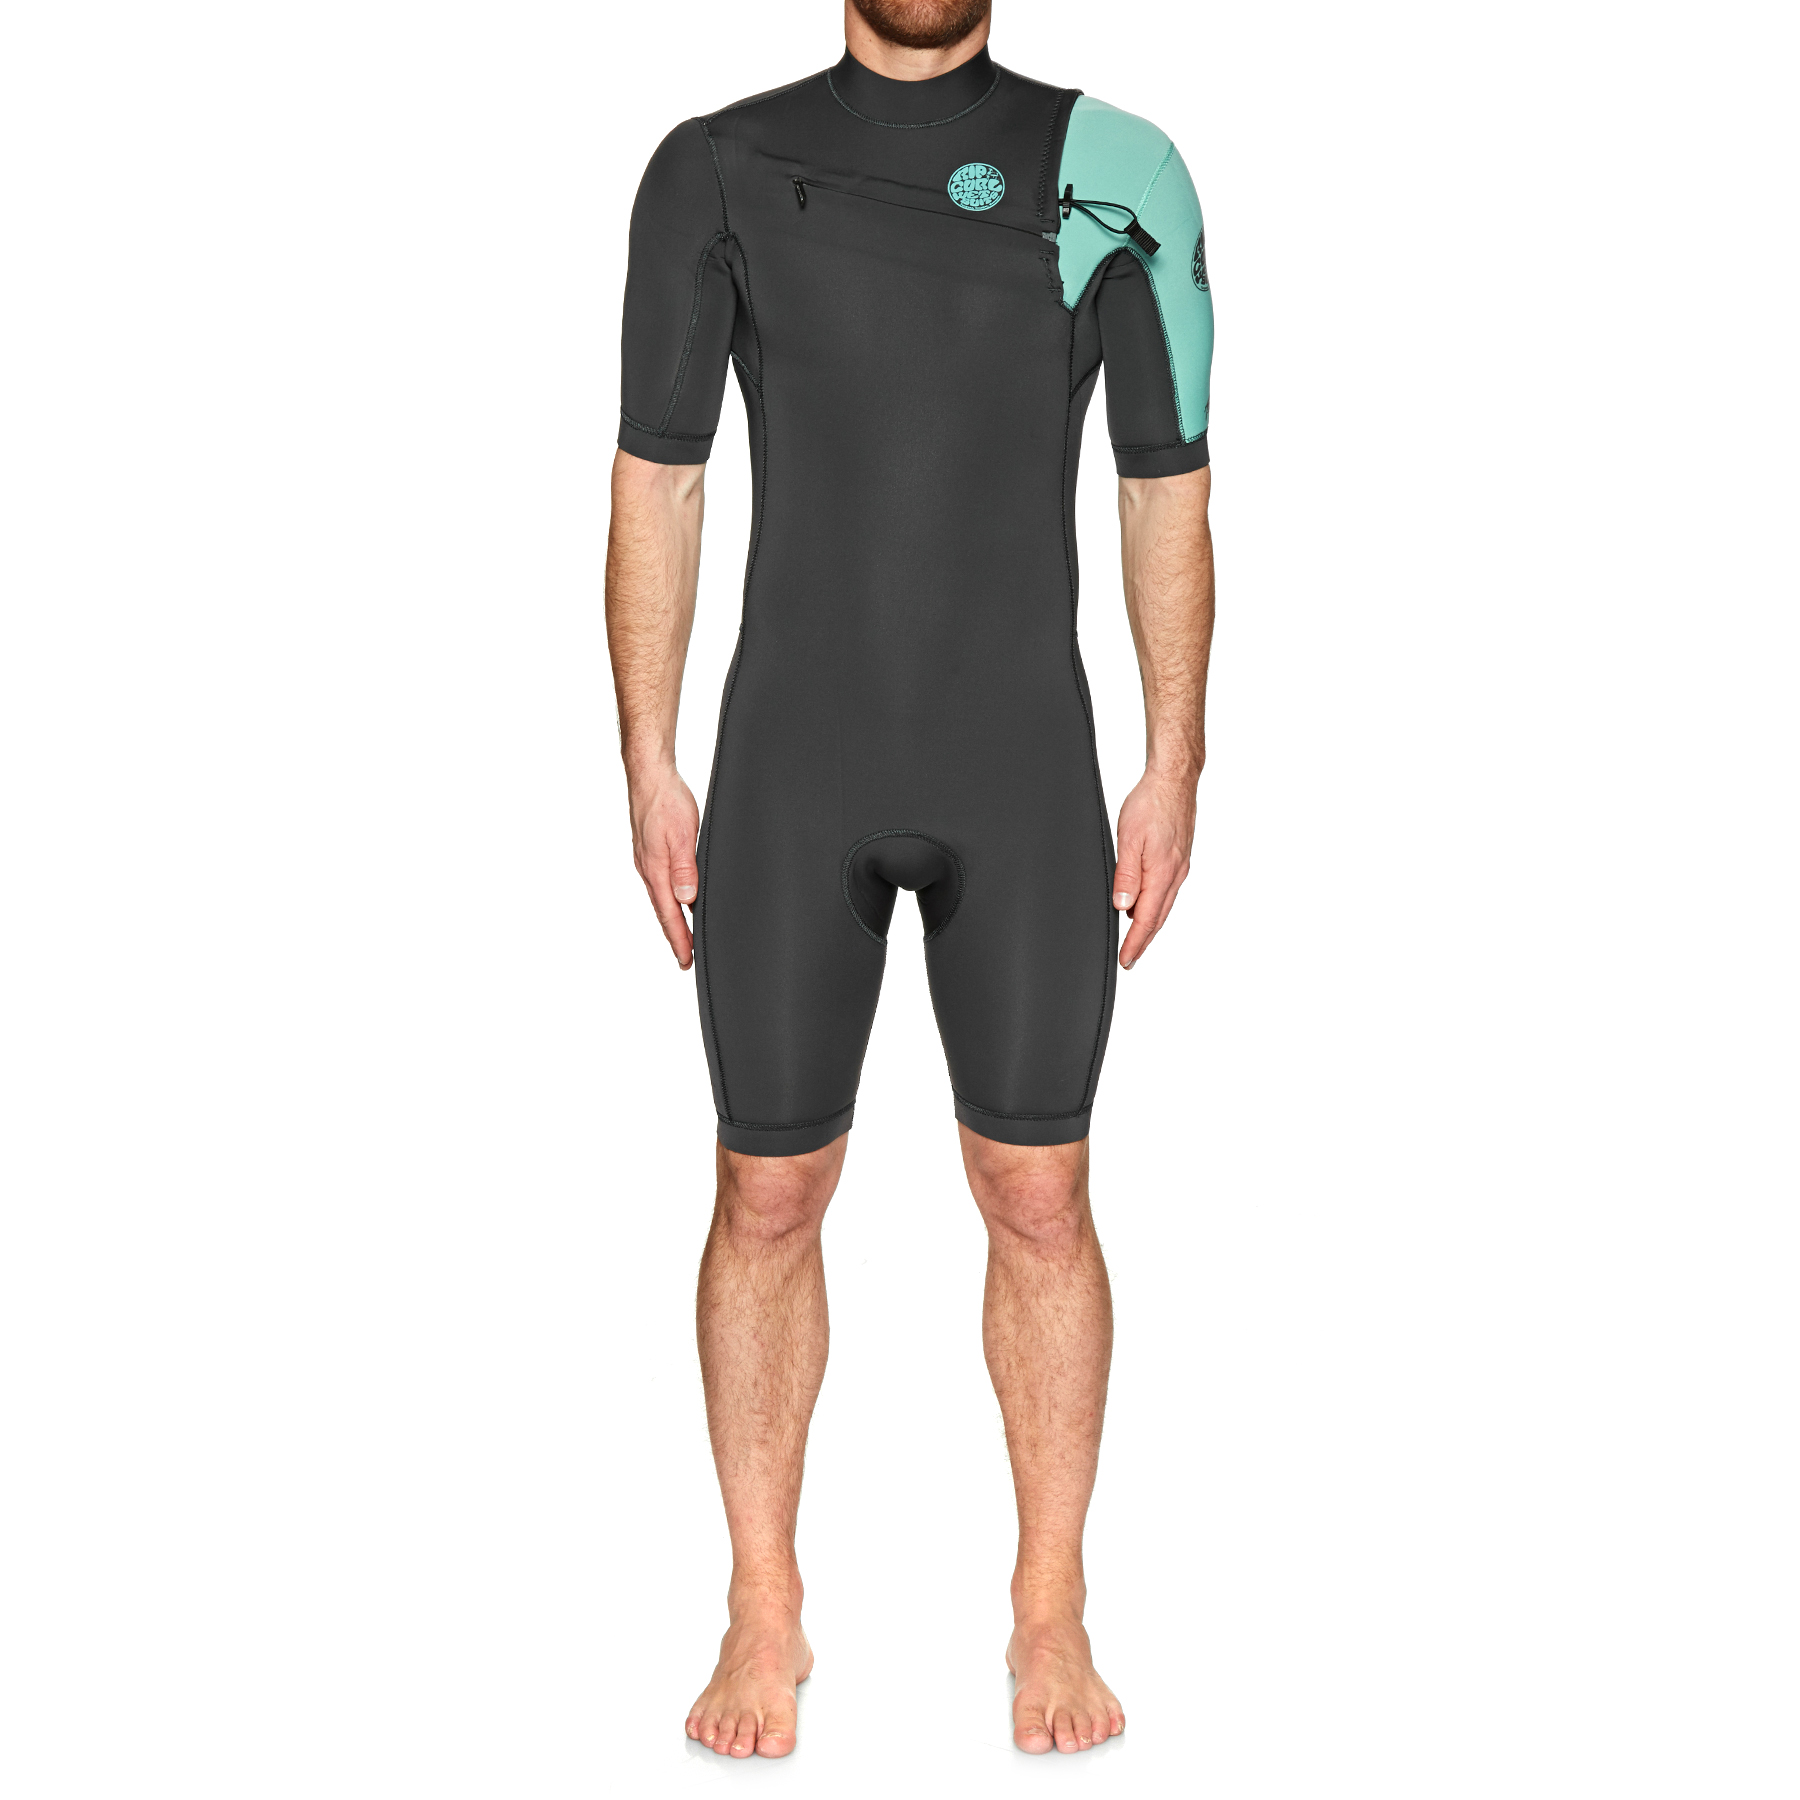 22mm Highline Series Short Sleeve Zipperless Springsuit